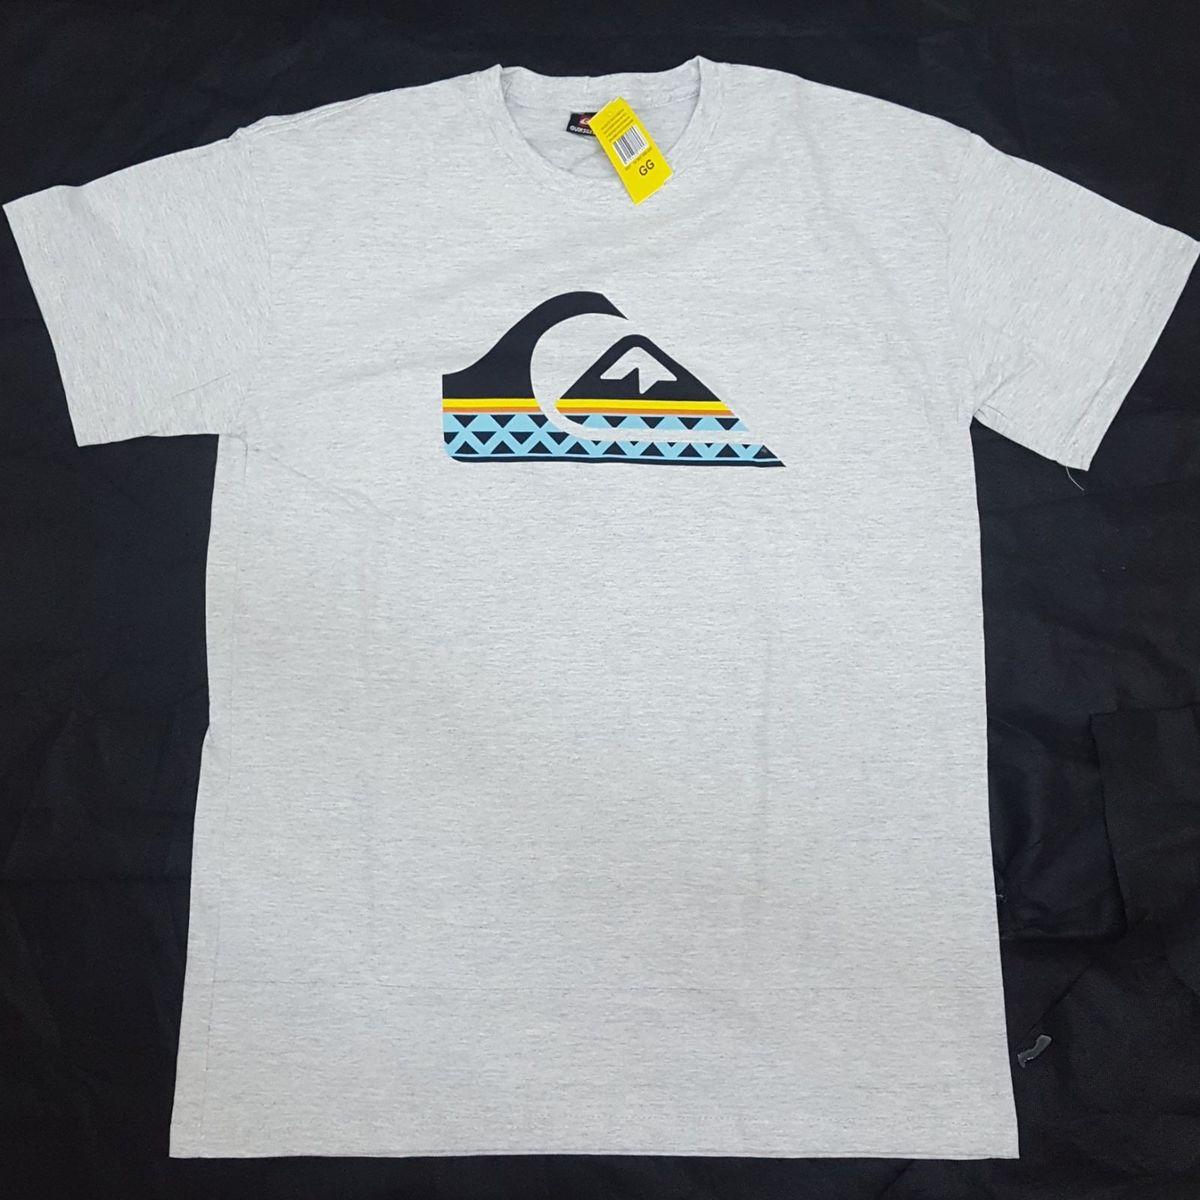 8e09ff12da camisetas marcas de surf - camisetas quiksilver